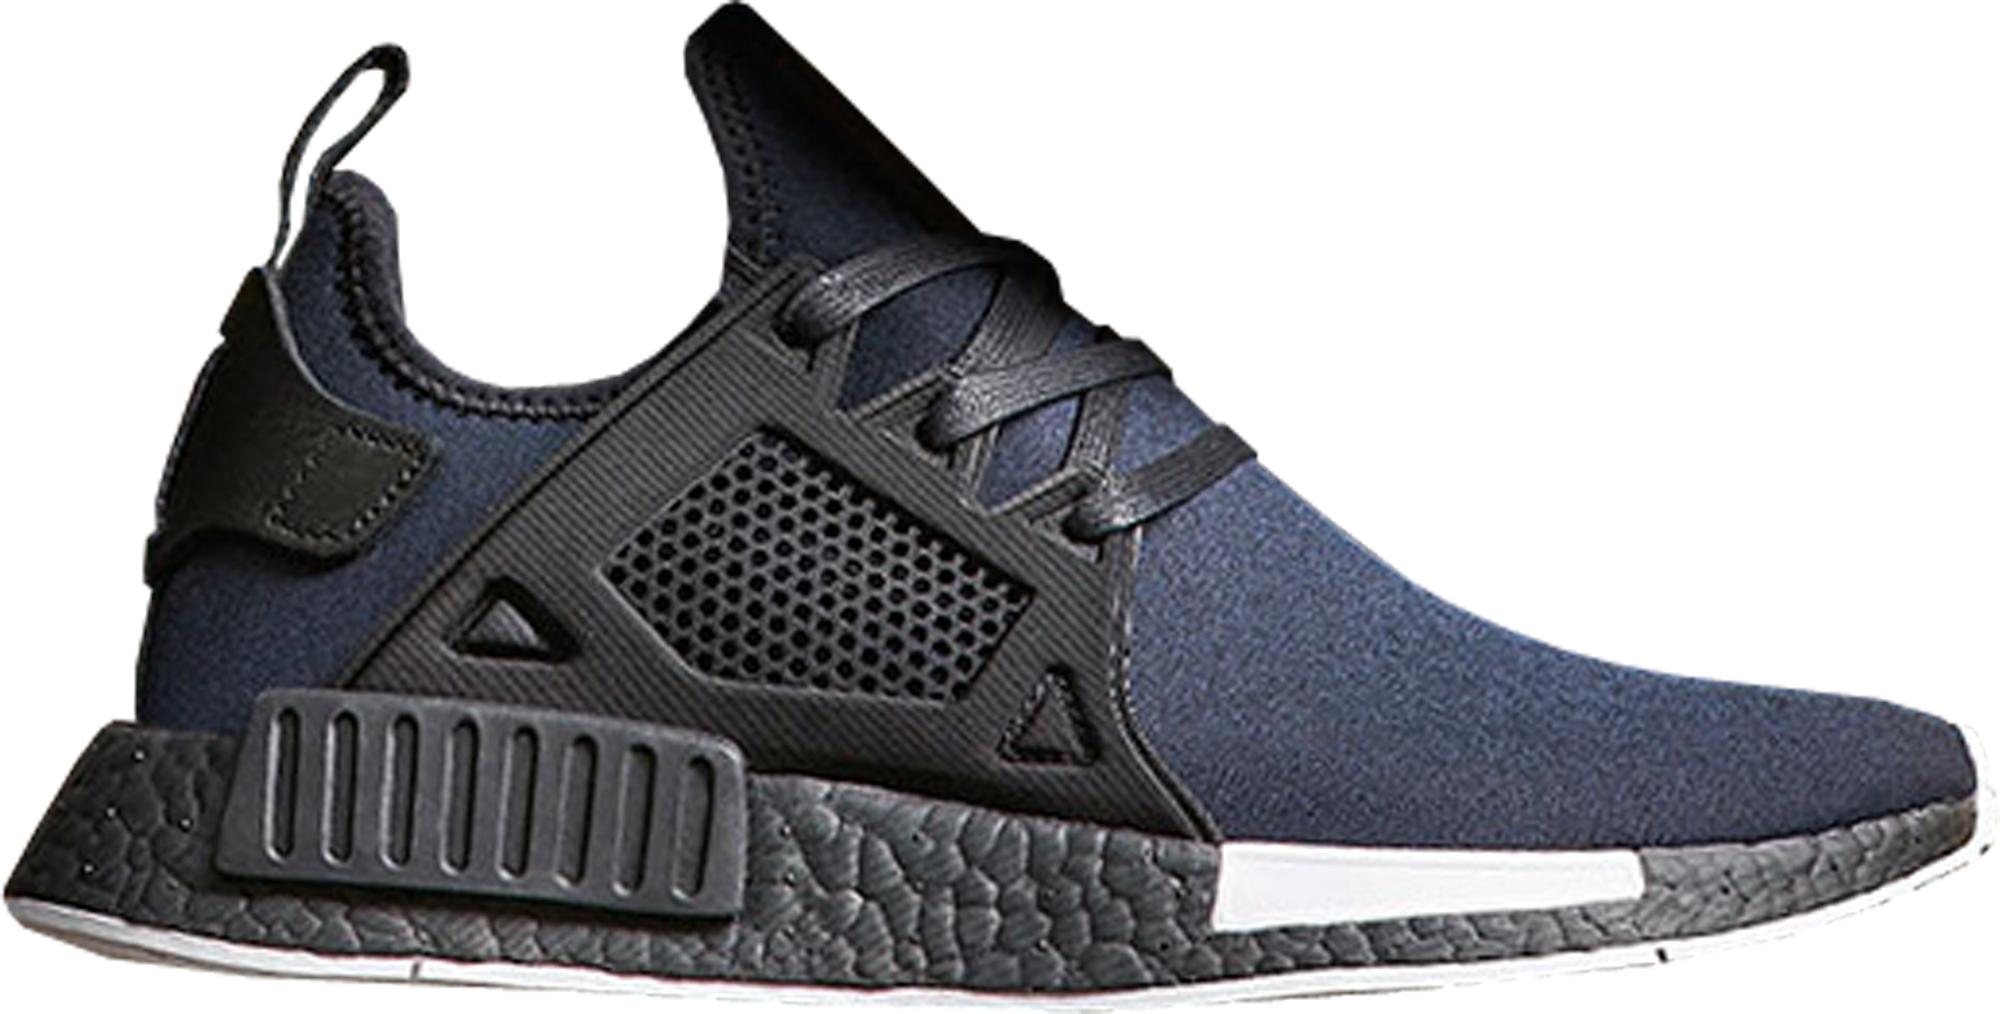 38f3e9cb9e036 mastermind adidas nmd xr1 black size 14 adidas yeezy 350 boost blue ...